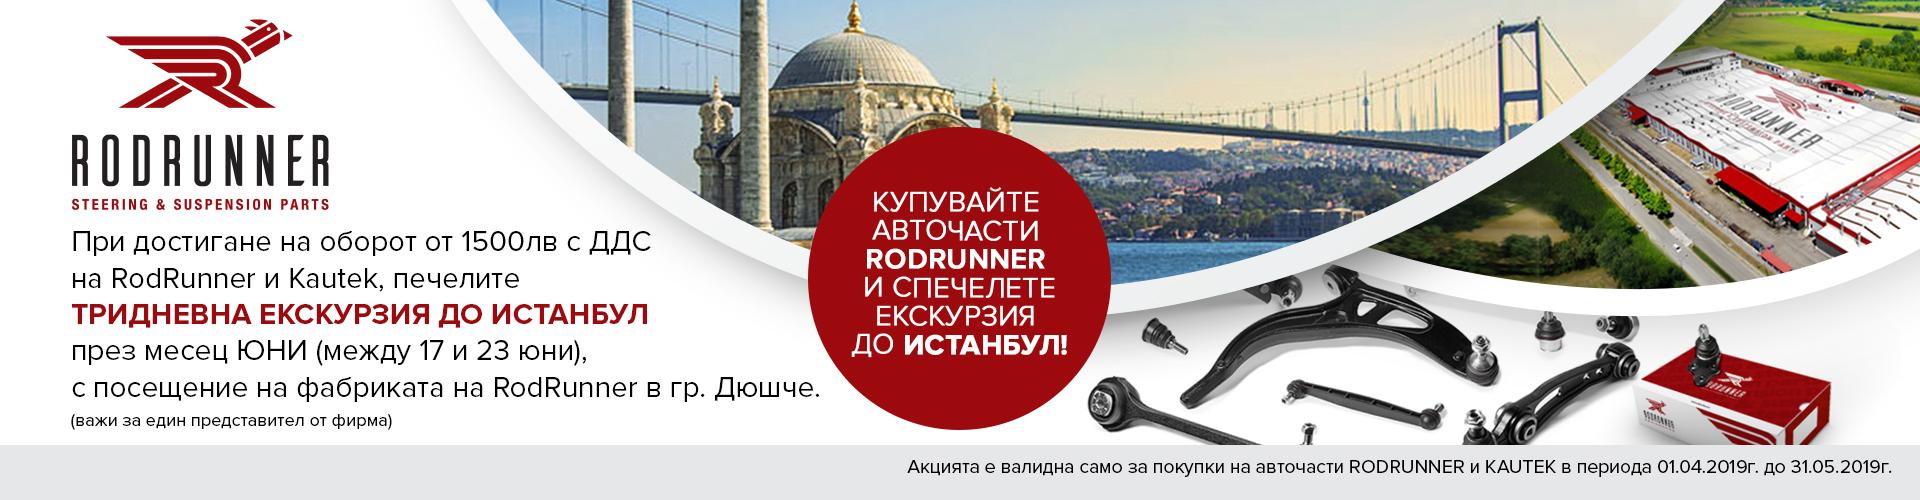 promo_rodrunner_01042019-31052019_banner.jpg